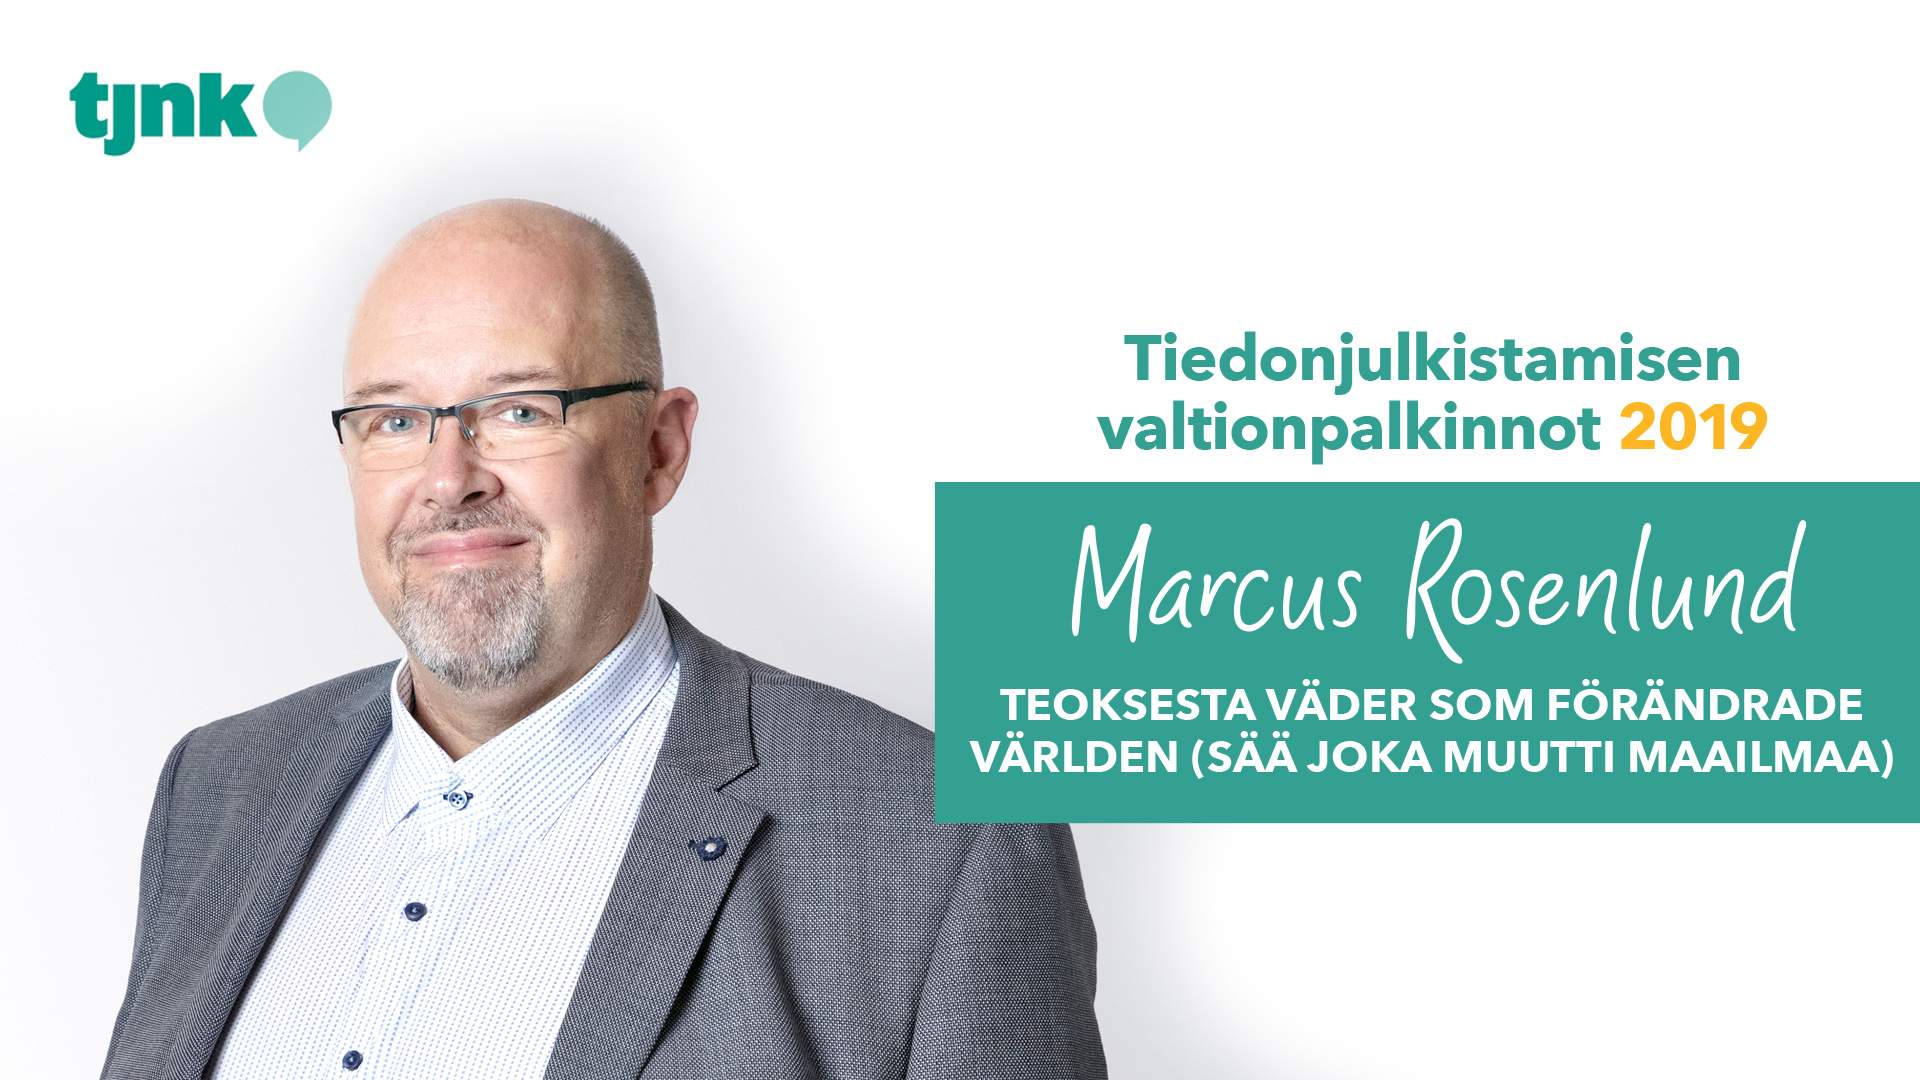 Tiedonjulkistamisen valtionpalkinnon 2019 saanut Marcus Rosenlund.